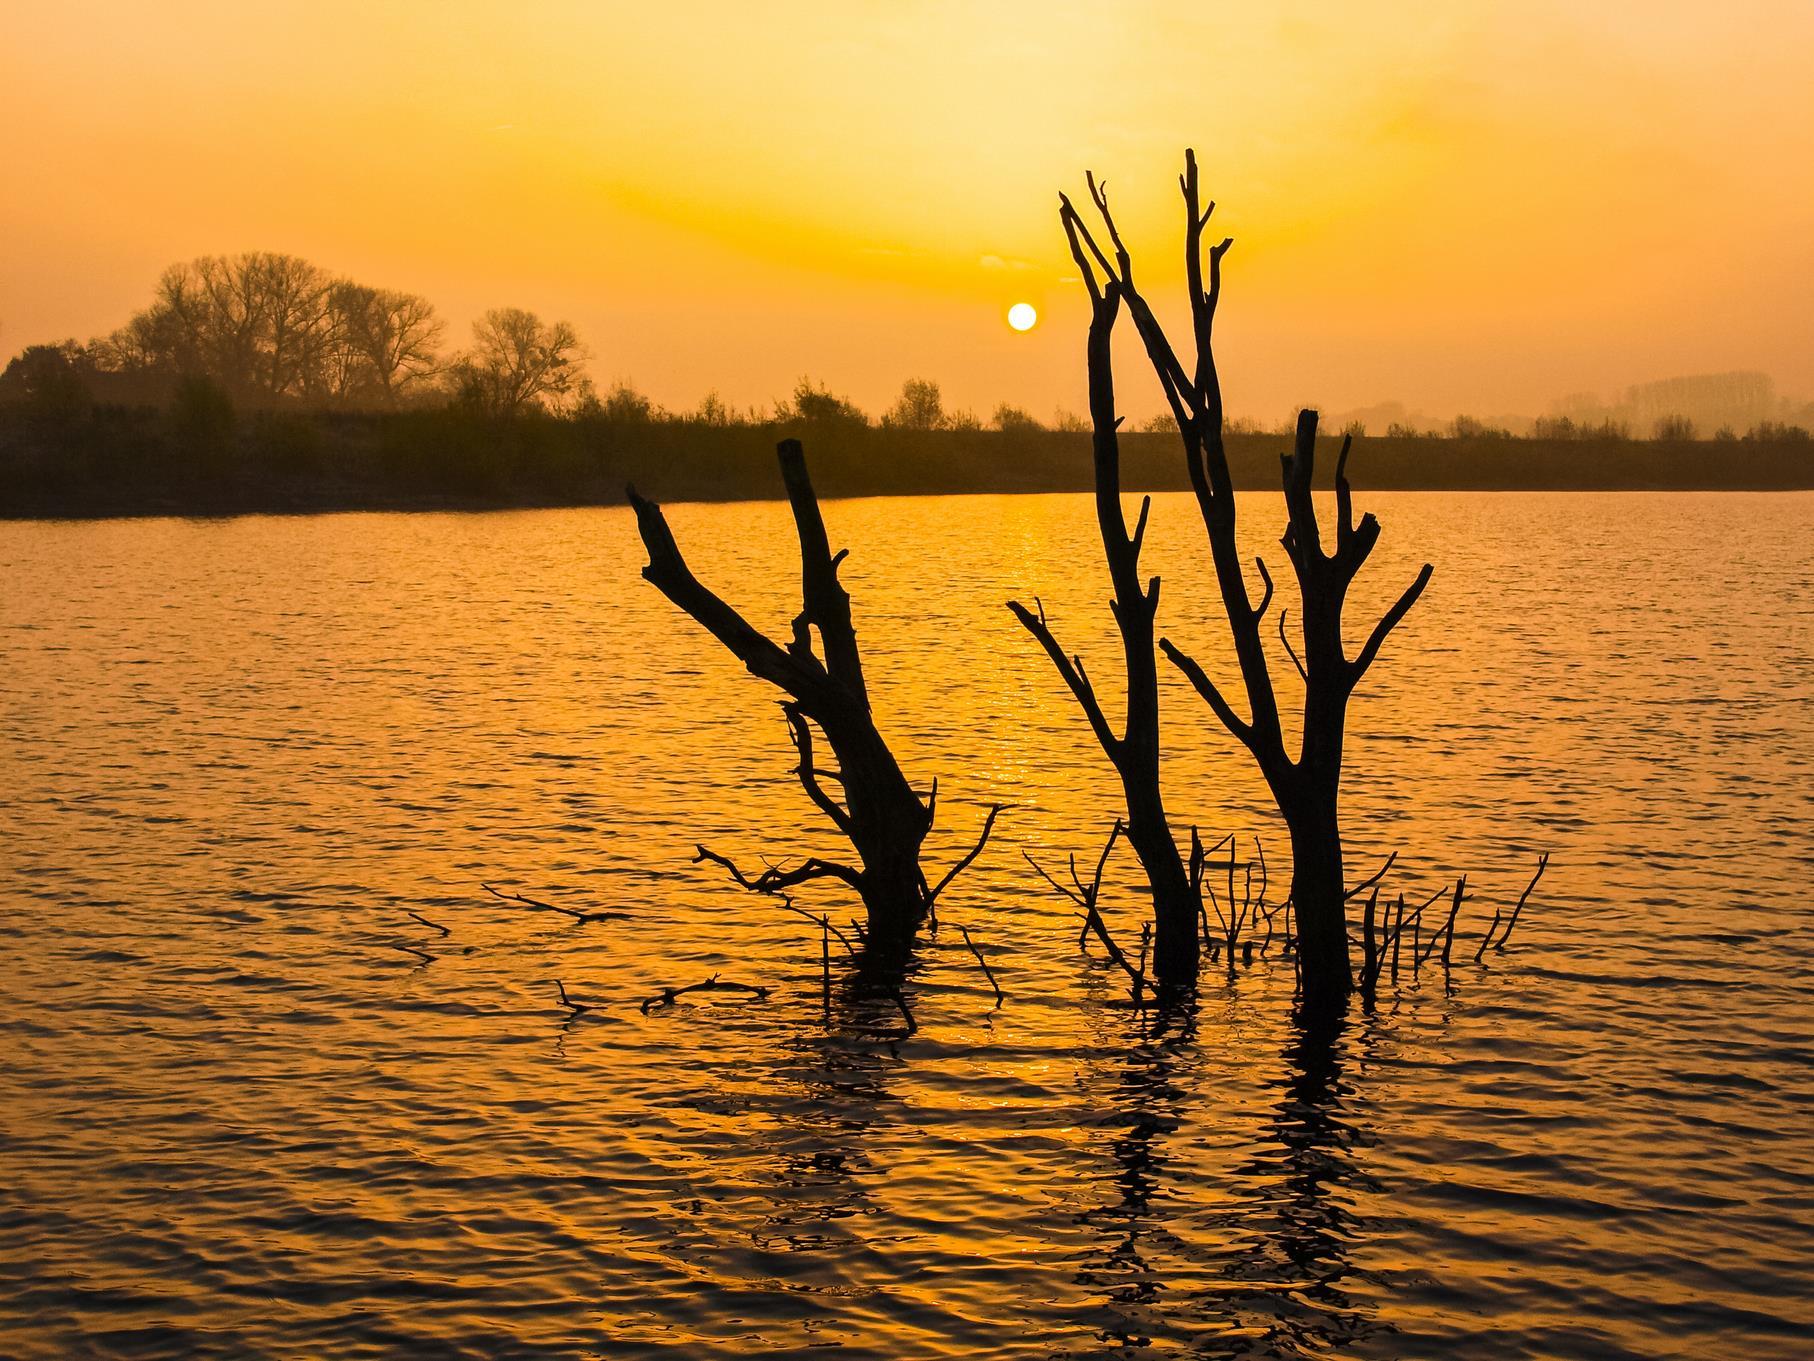 Die toten Bäume im Morgenlicht.